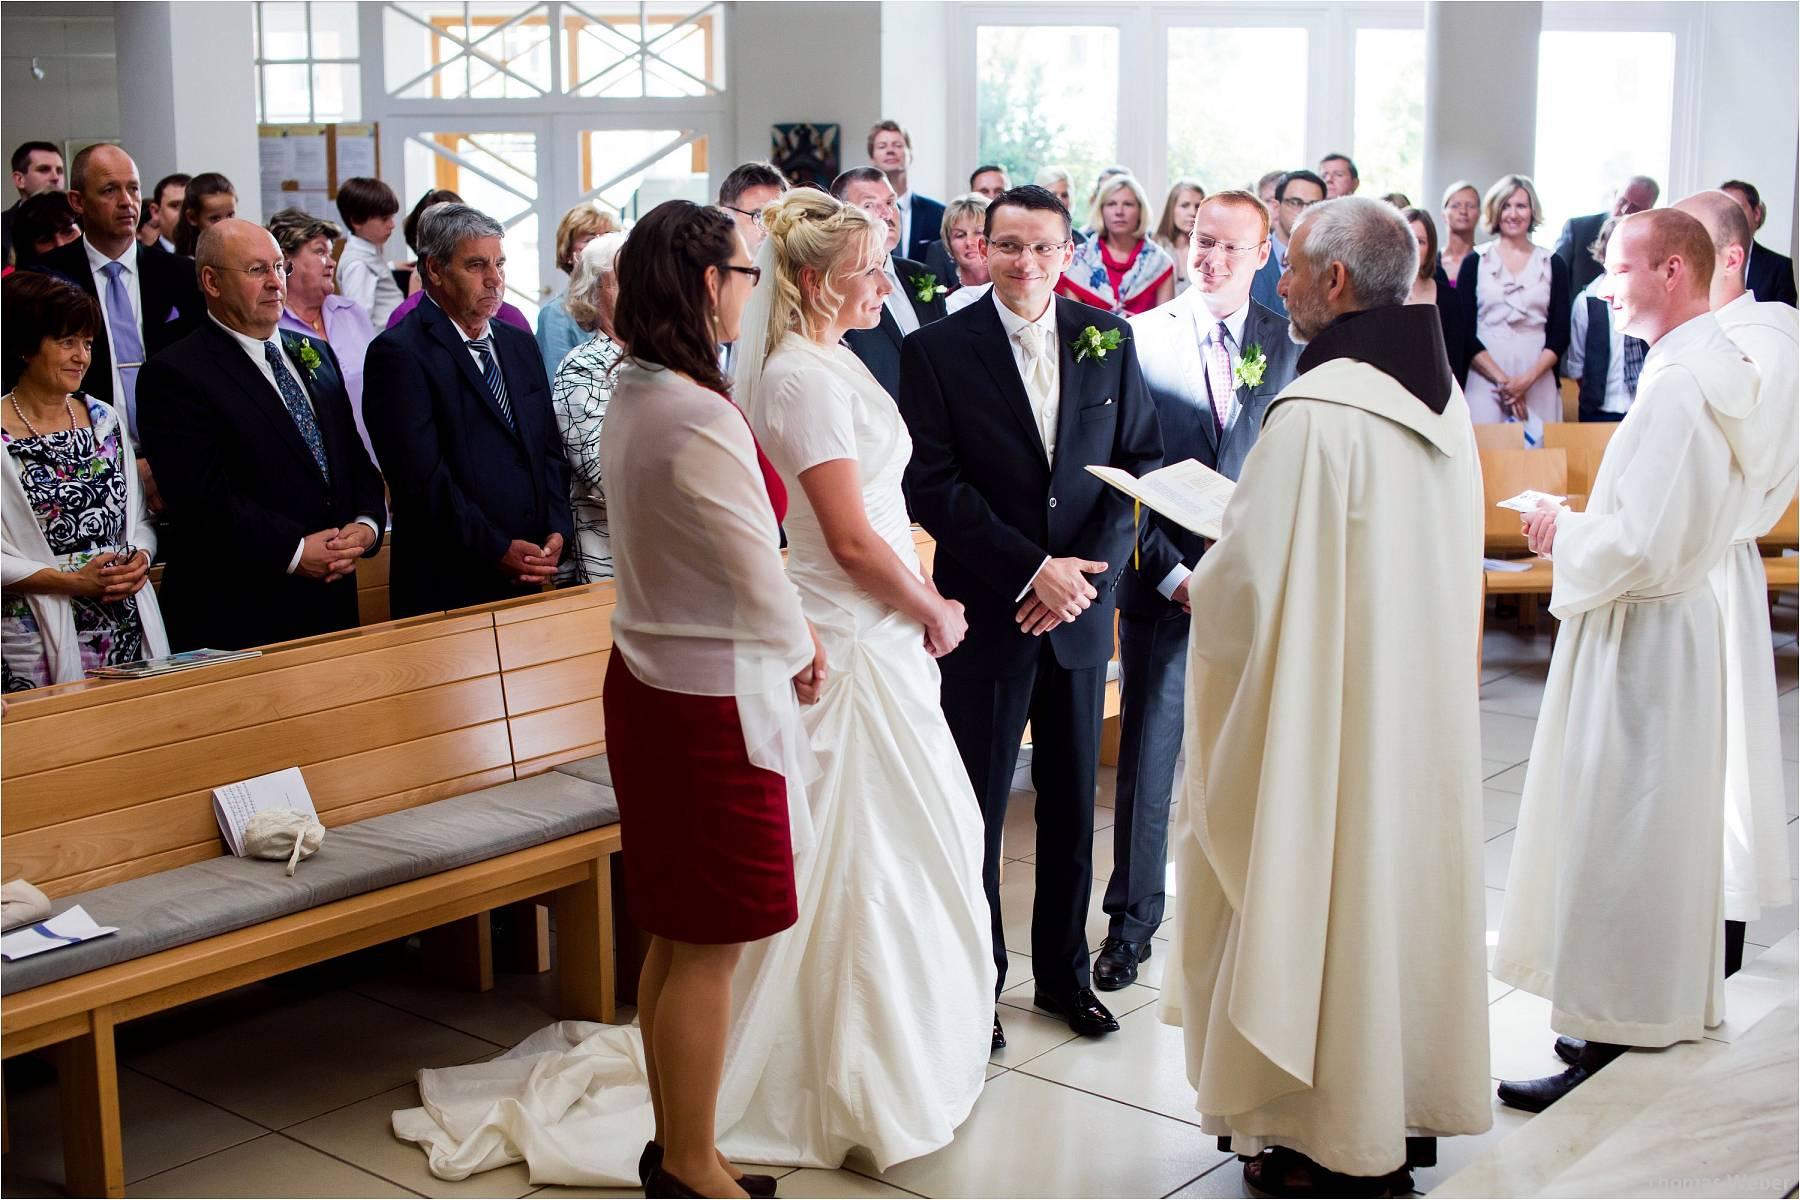 Hochzeitsfotograf Oldenburg: Hochzeit in der Keramikscheune Spickendorf in Halle an der Saale (34)